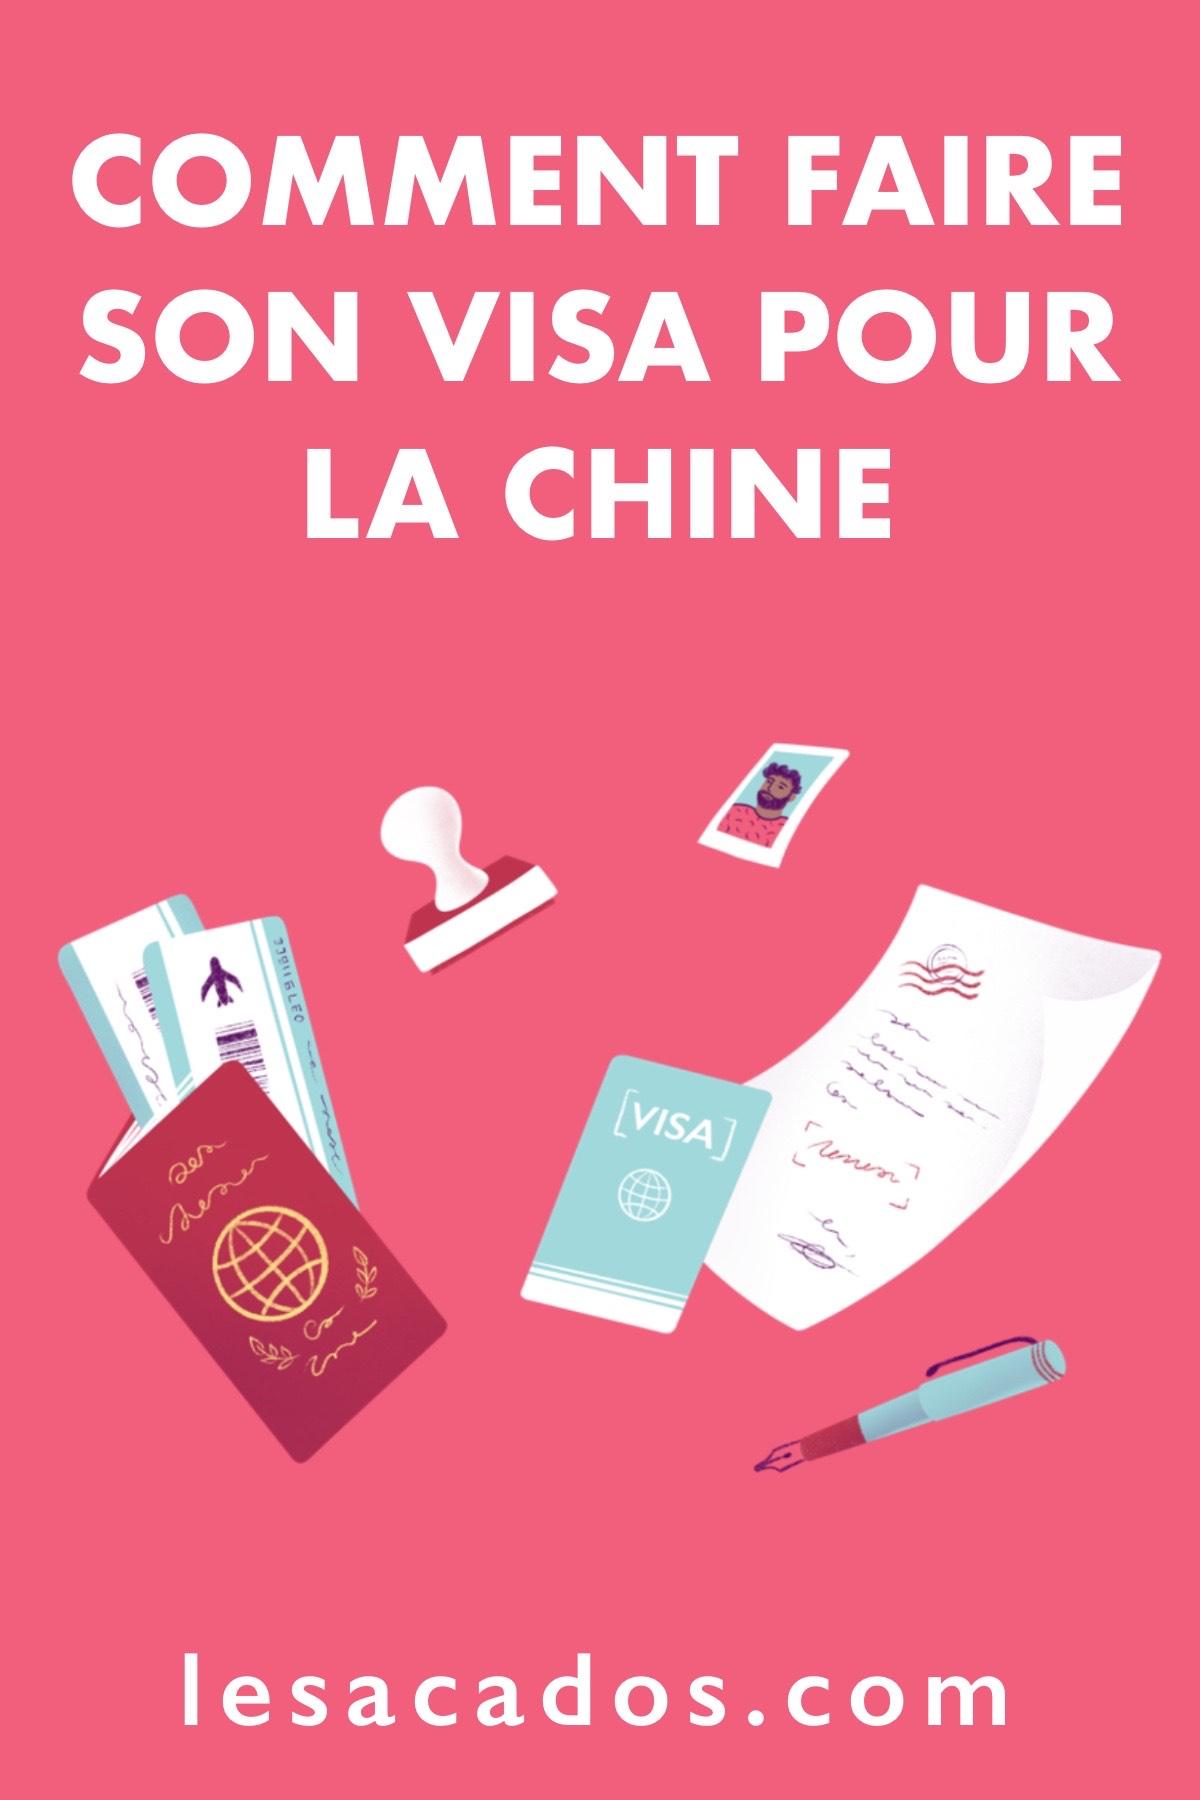 Vous vous apprêtez à faire un voyage en Chine? Dans cet article j'explique comment faire son visa pour Chine tout seul, ou en passant par une agence.